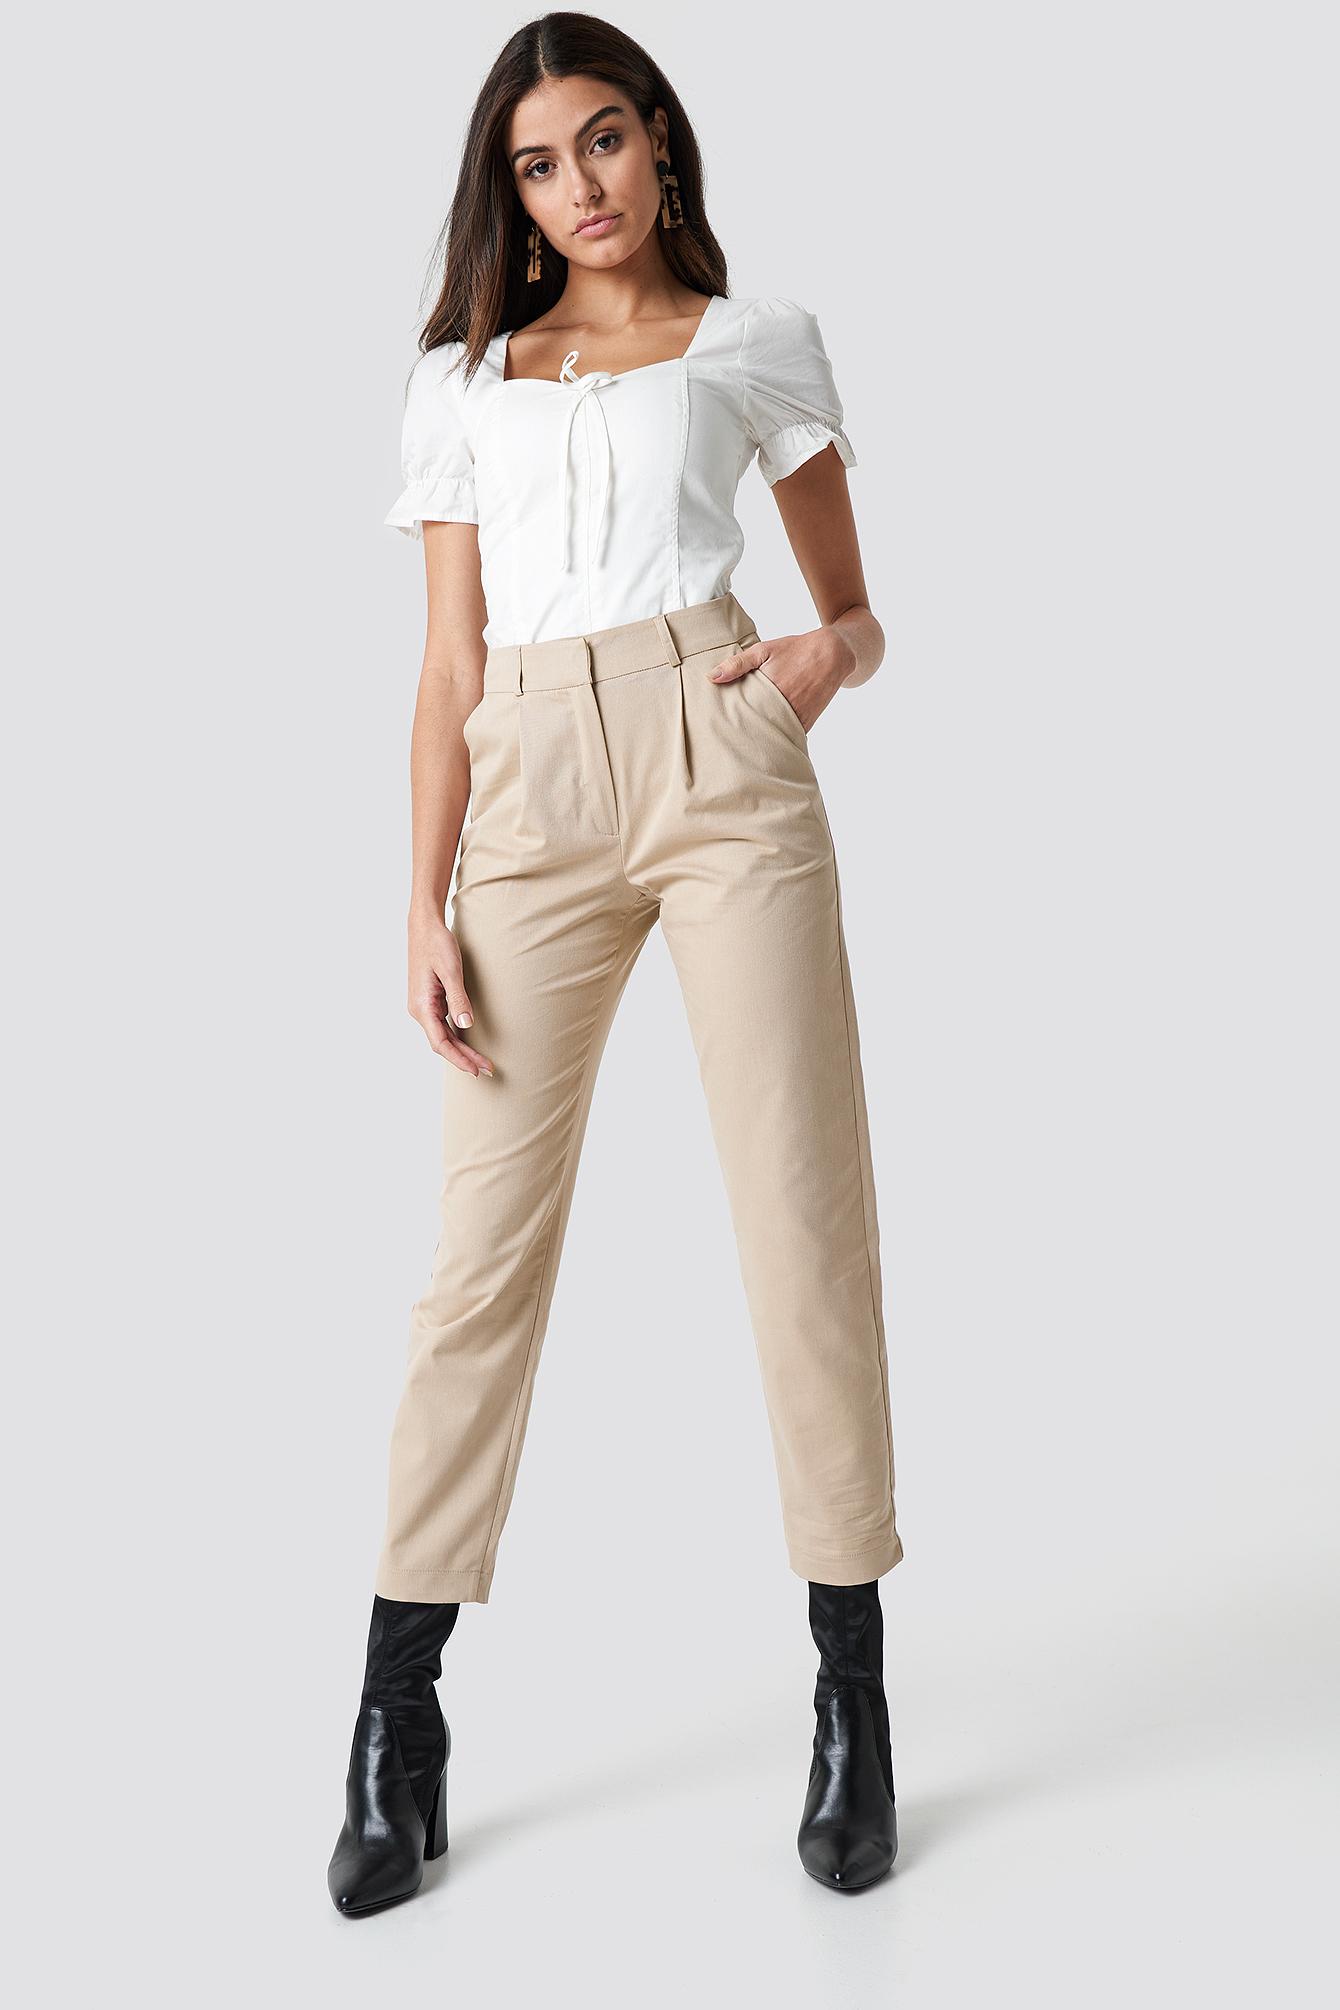 COTTON BLEND SUIT PANTS - BEIGE